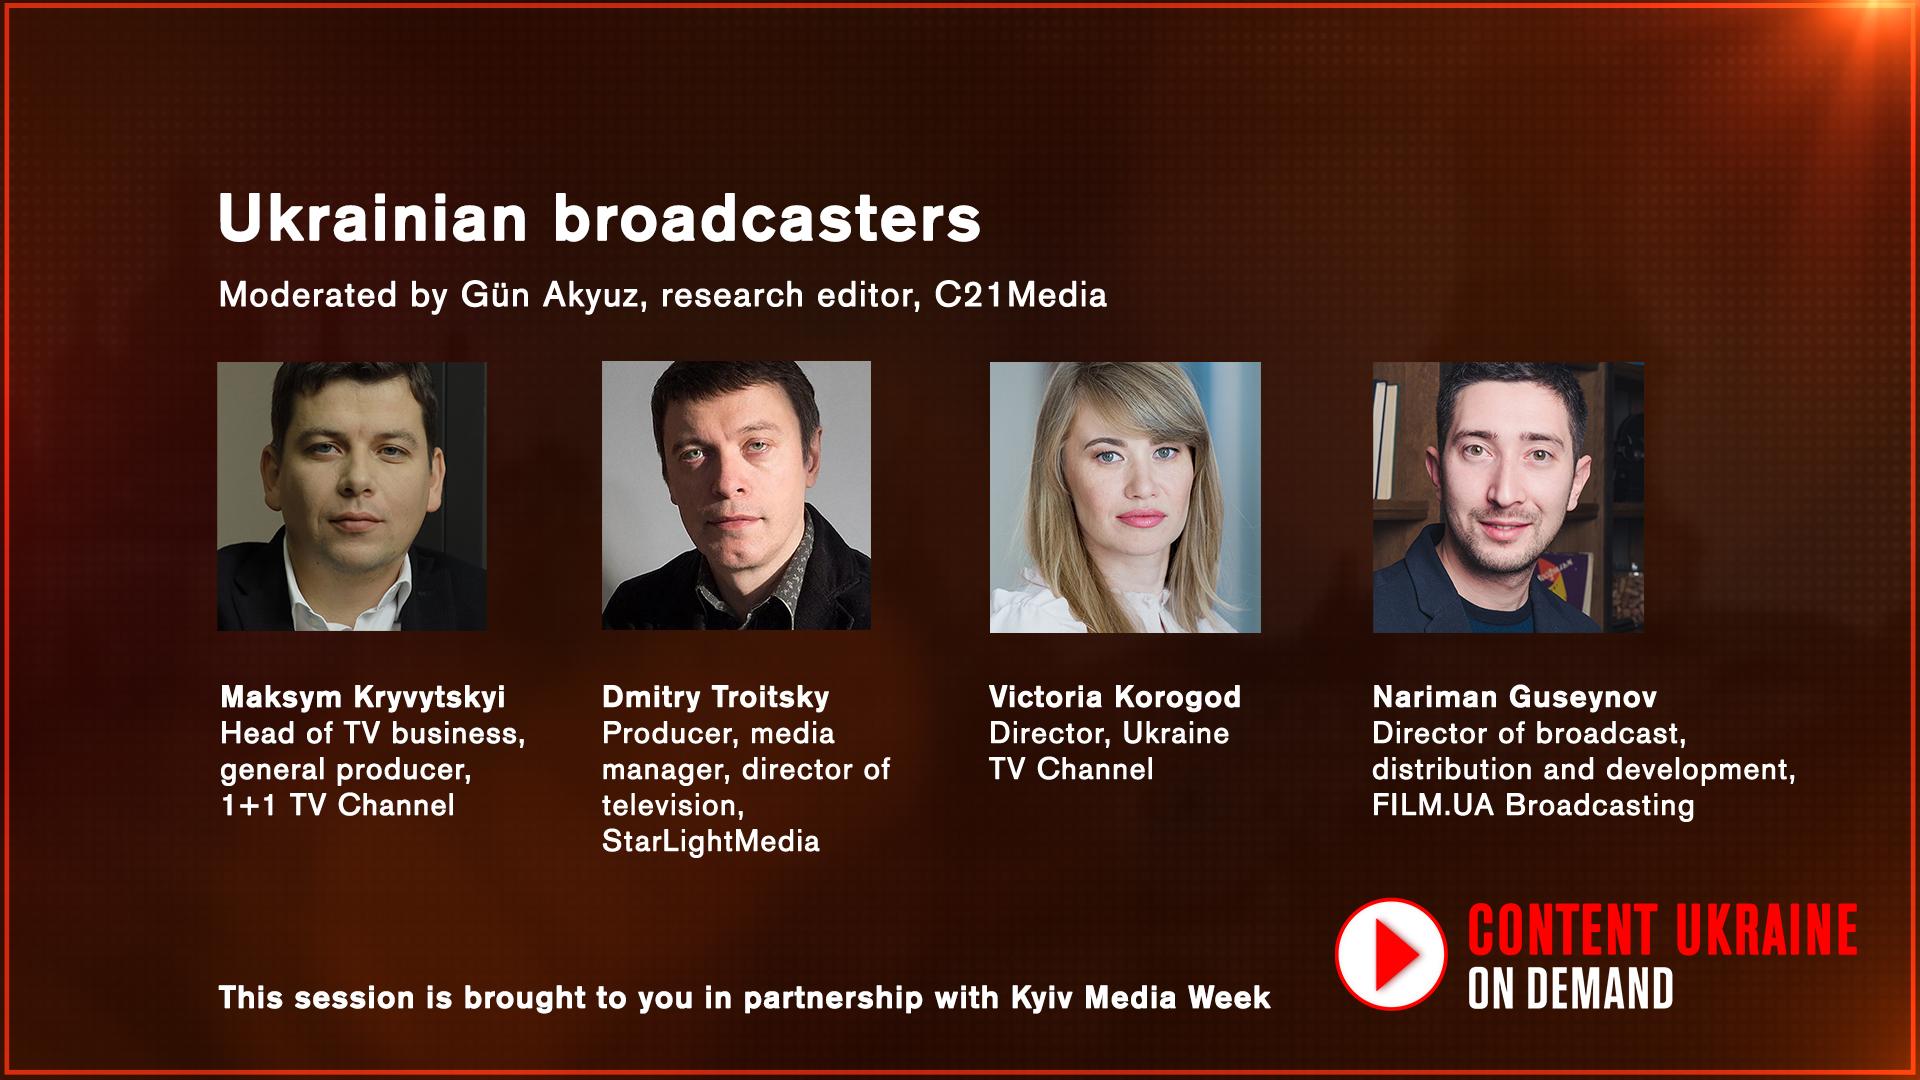 Ukrainian broadcasters